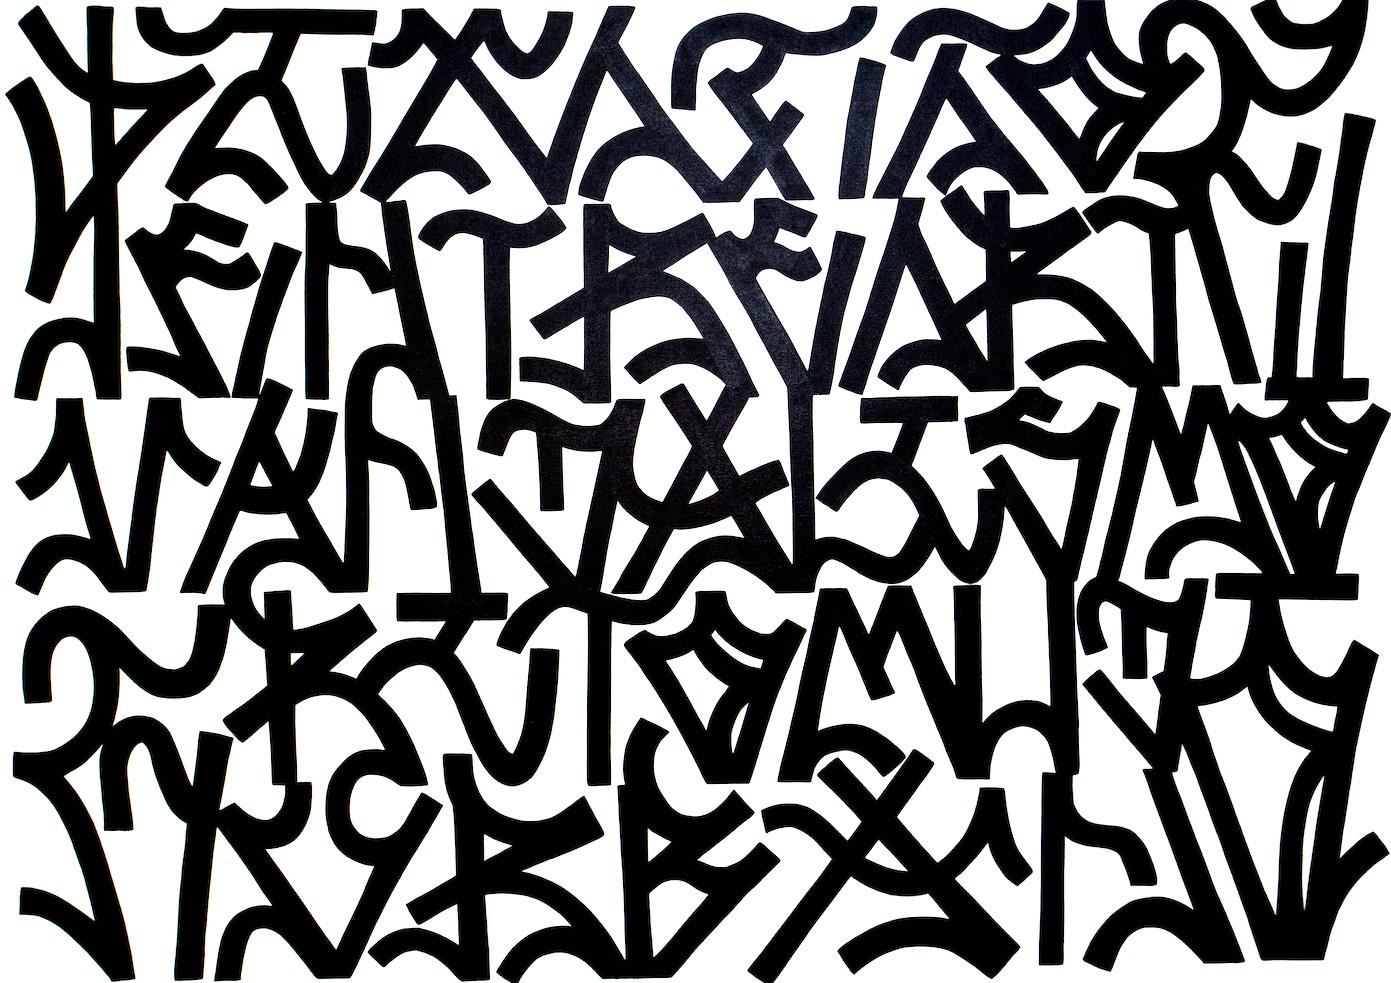 Kallenbach+-+Cripta+Djan+-+Entre+a+Arte+e+o+Vandal_110x150cm+small.jpg